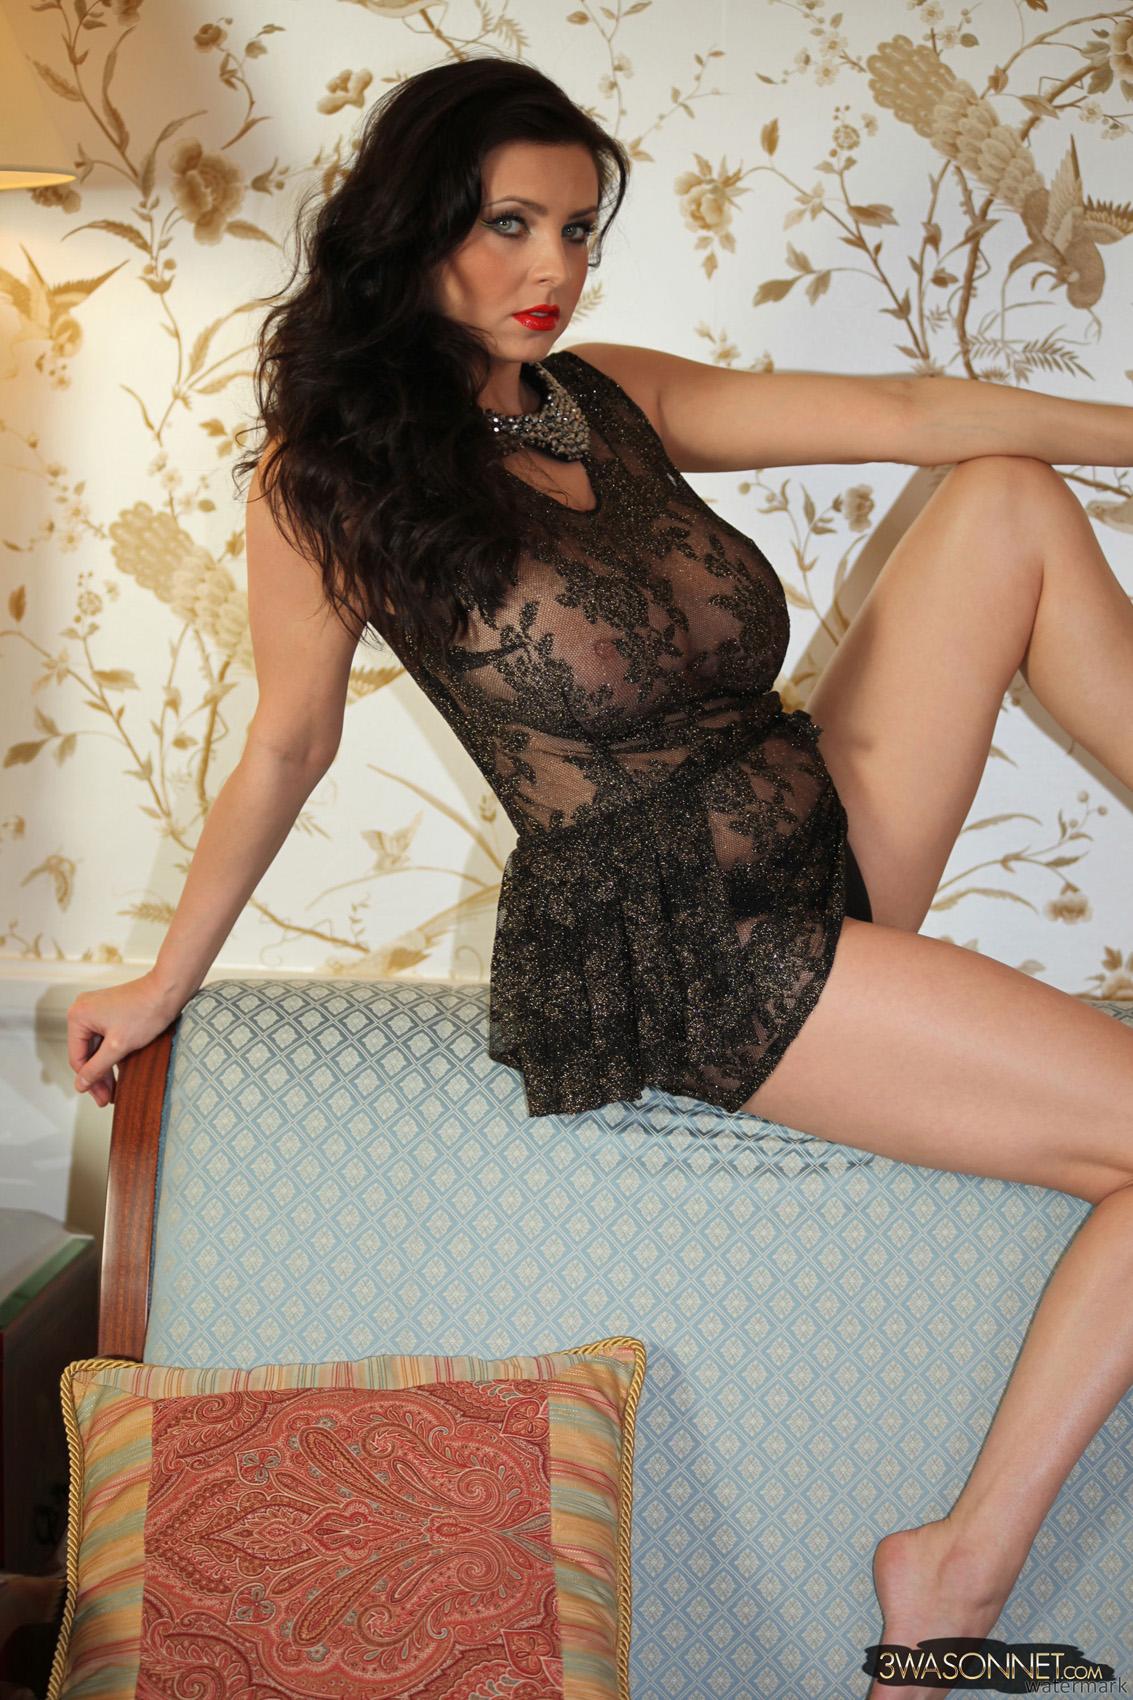 Ewa Sonnet desnuda - Página 2 fotos desnuda,